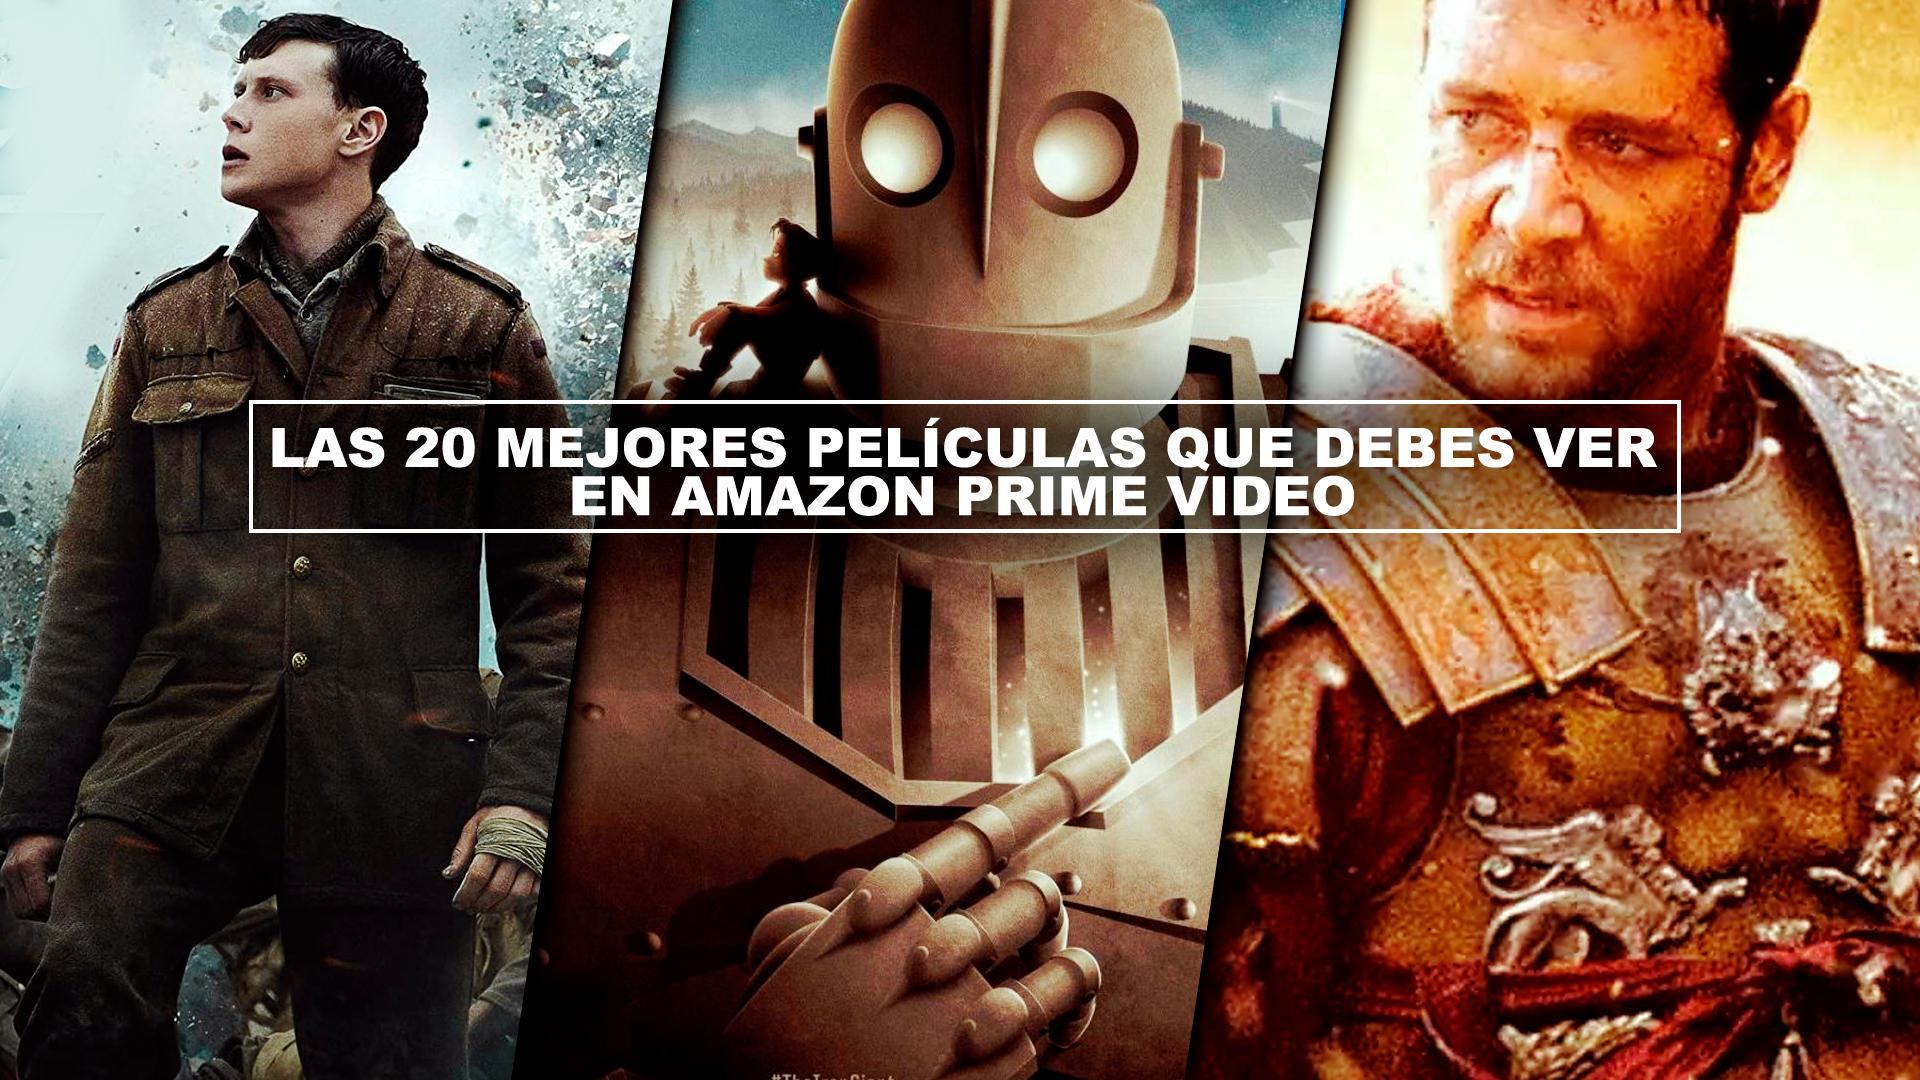 Las 20 MEJORES PELÍCULAS que debes ver en Amazon Prime Video (Actualizado Otoño 2020)